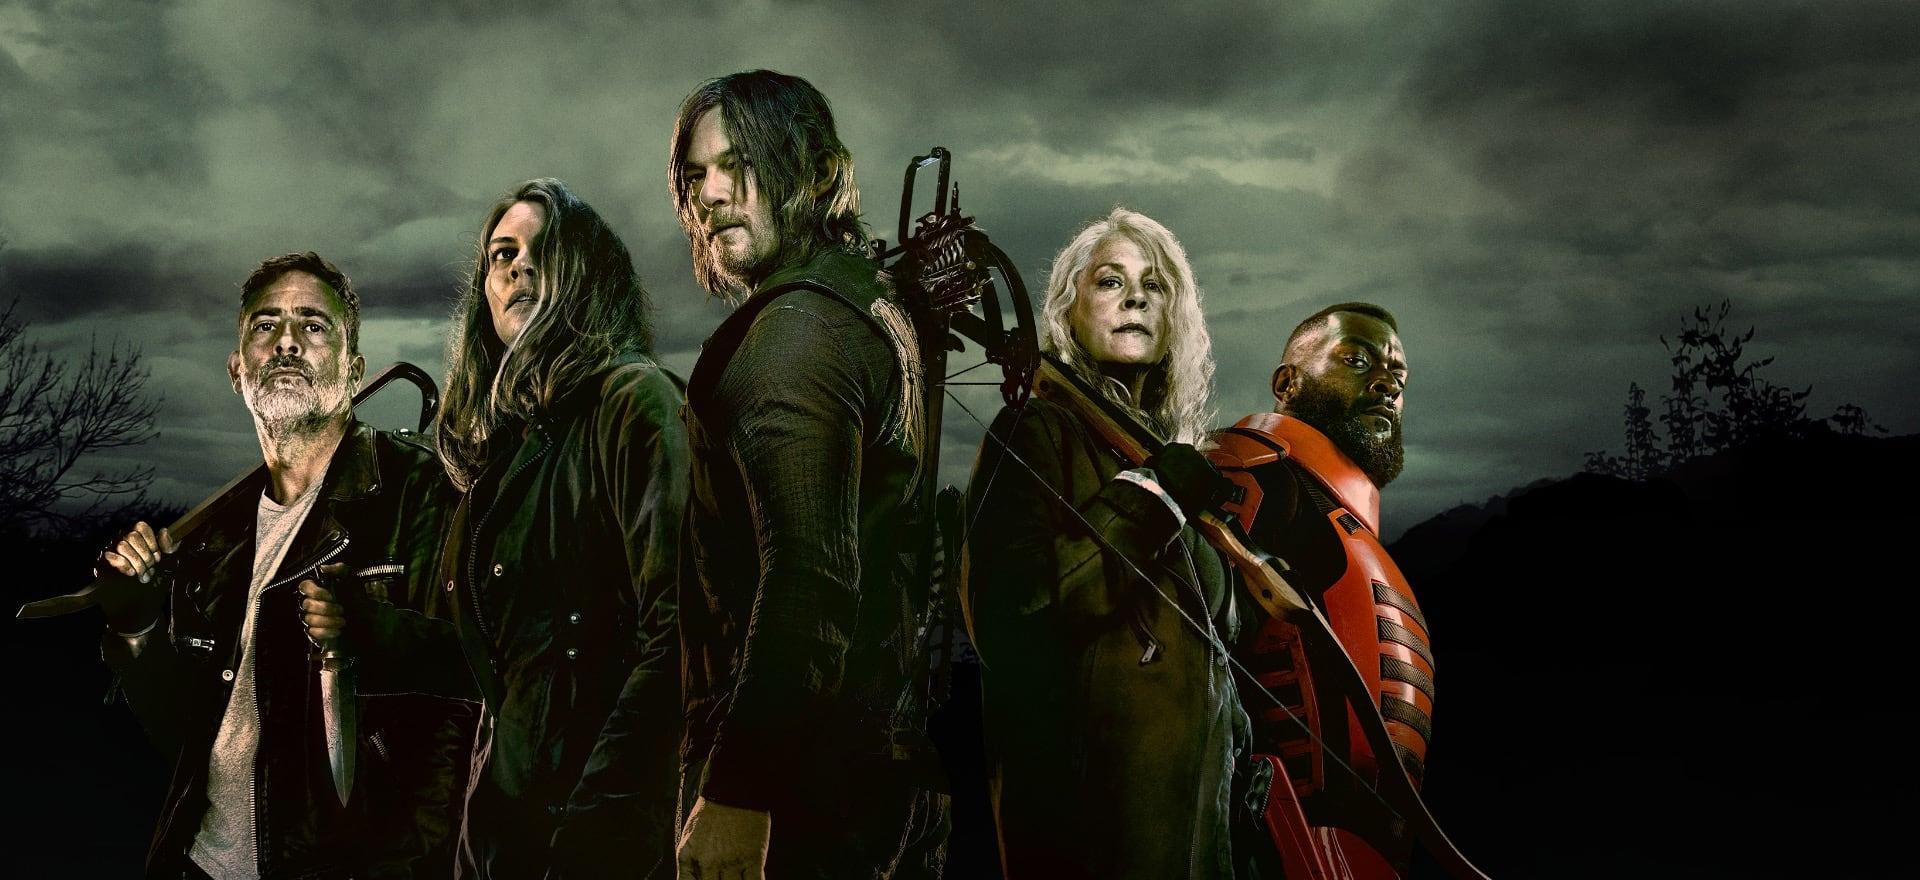 Spoilers For The Walking Dead Season 11 Episode 1